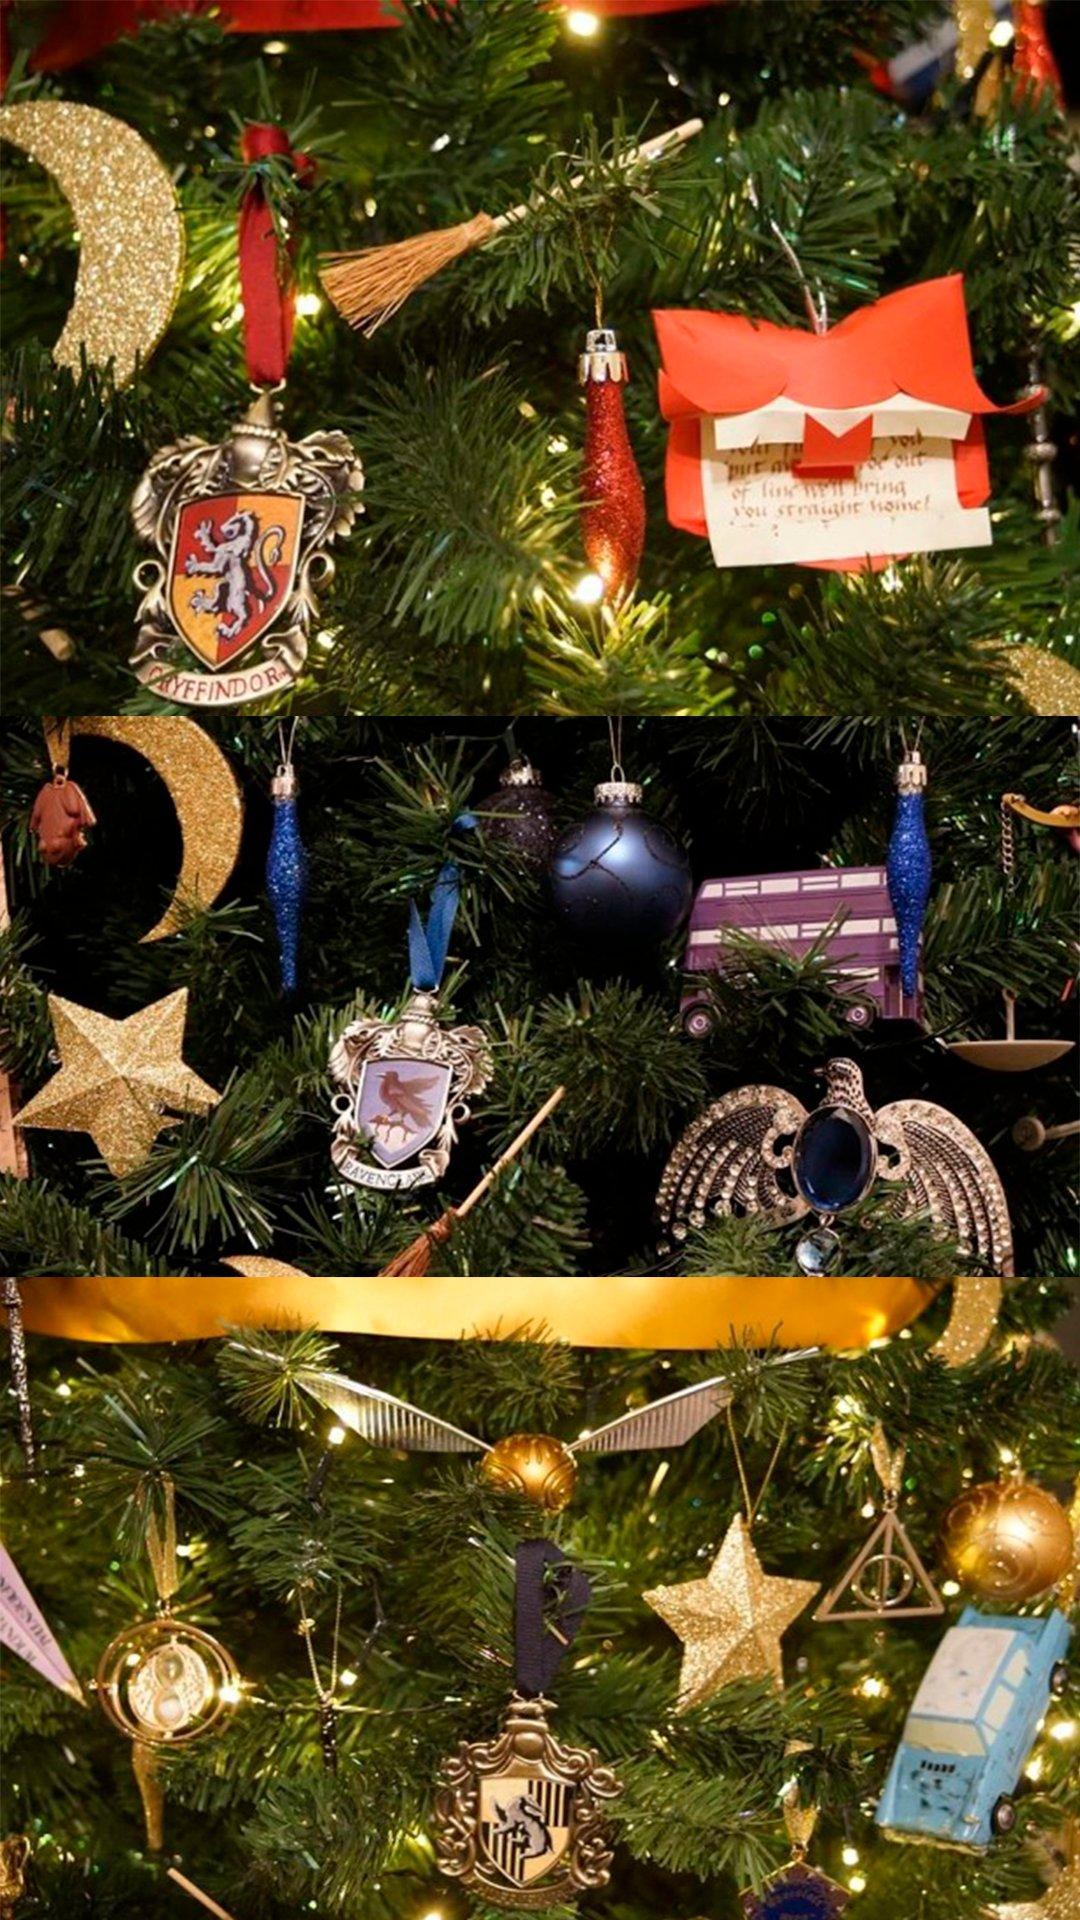 En navidad desear s tener este m gico rbol de harry potter for Fotos decoracion navidad